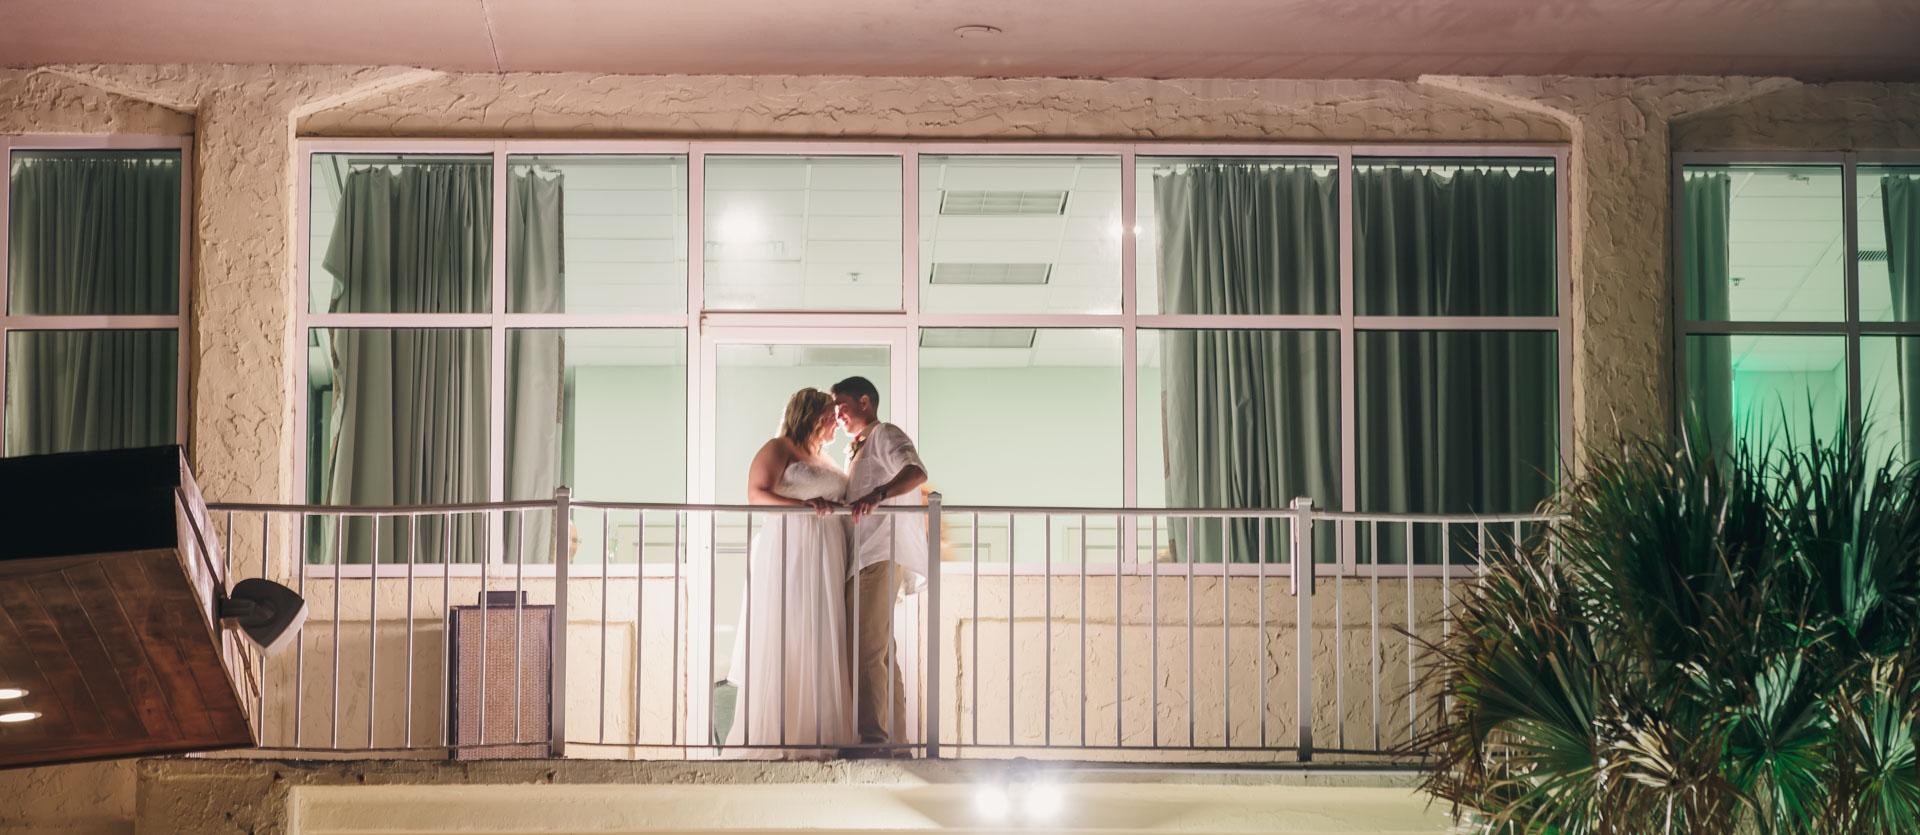 night-romance